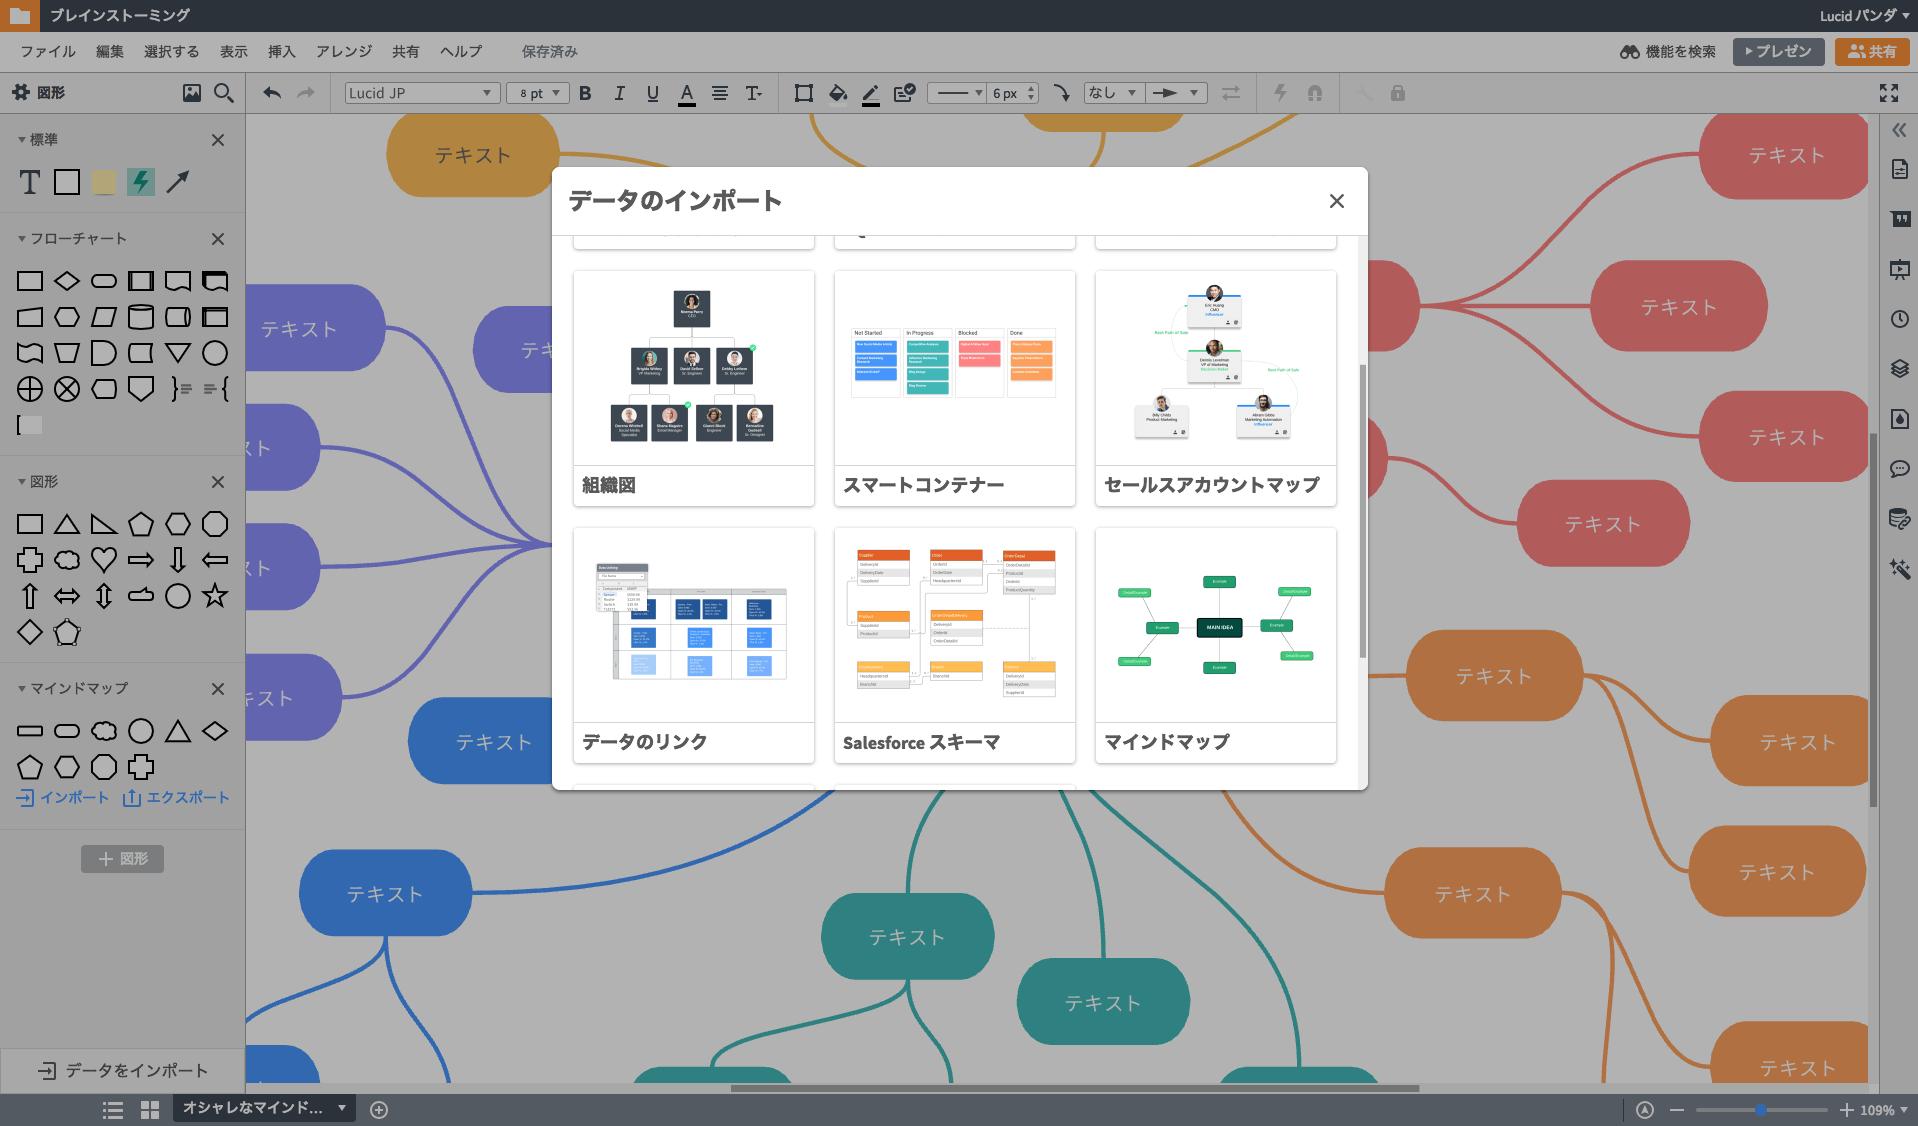 オンライン上でマインドマップをツールで楽に作成